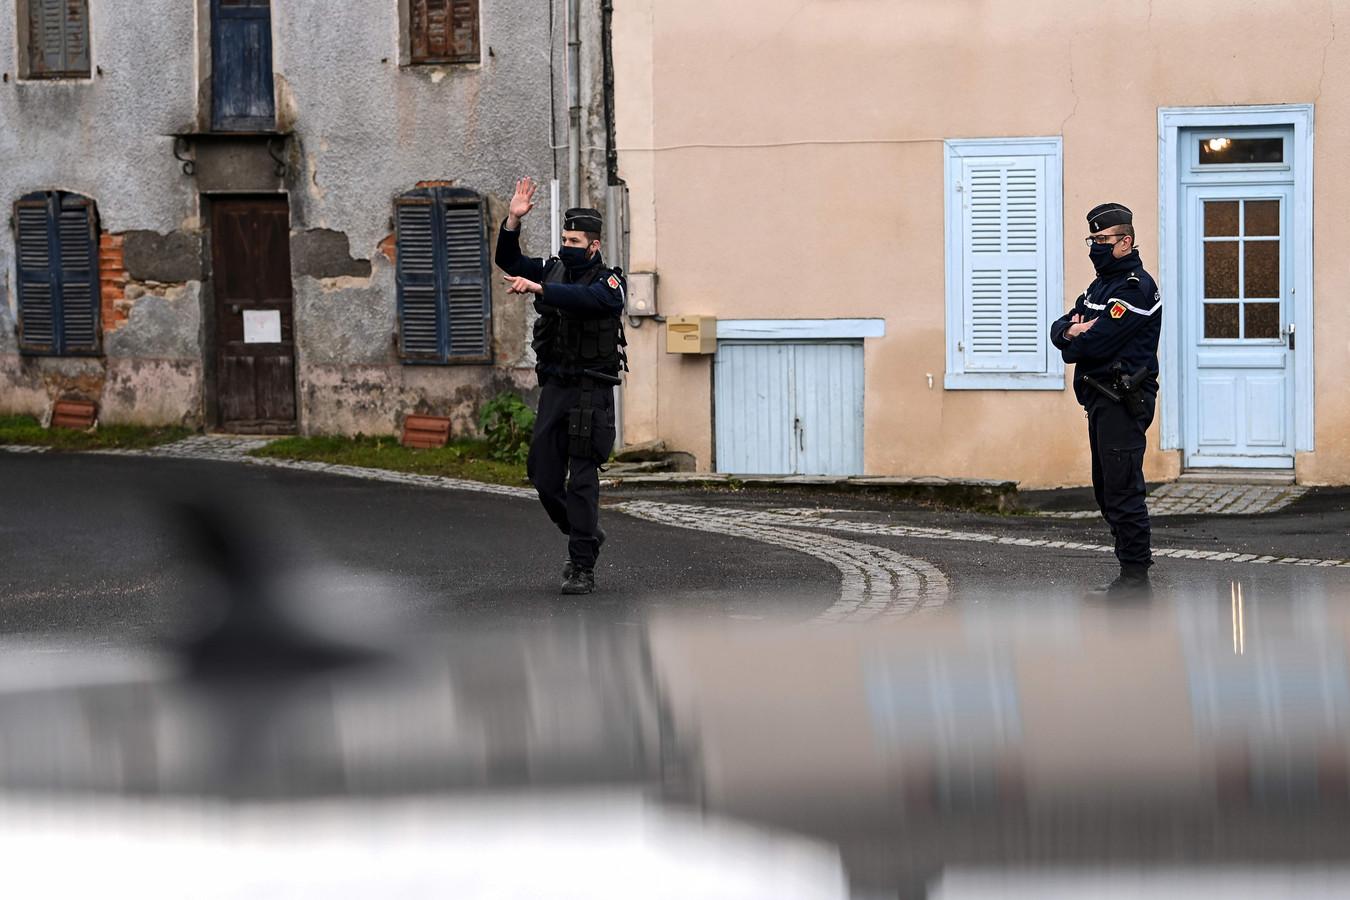 Politieagenten in afgelegen gehucht Saint-Just, nadat drie van hun collega's werden doodgeschoten.